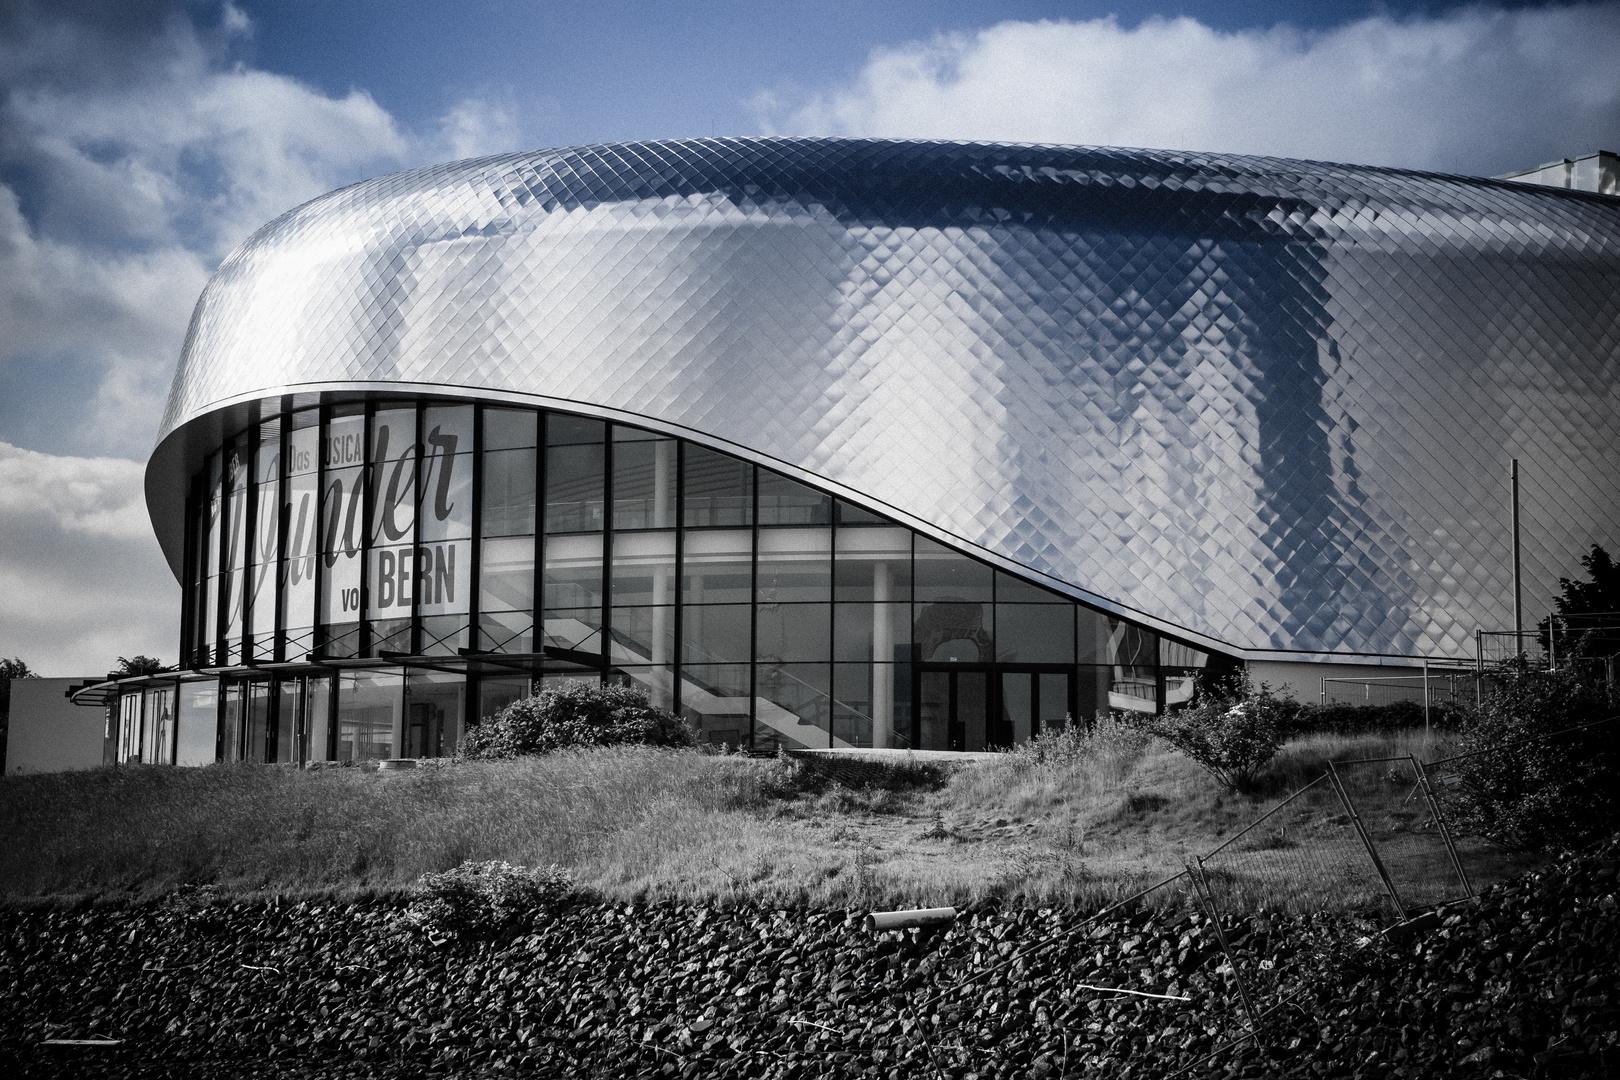 Musical Theater Hamburg Wunder Von Bern Foto Bild Architektur